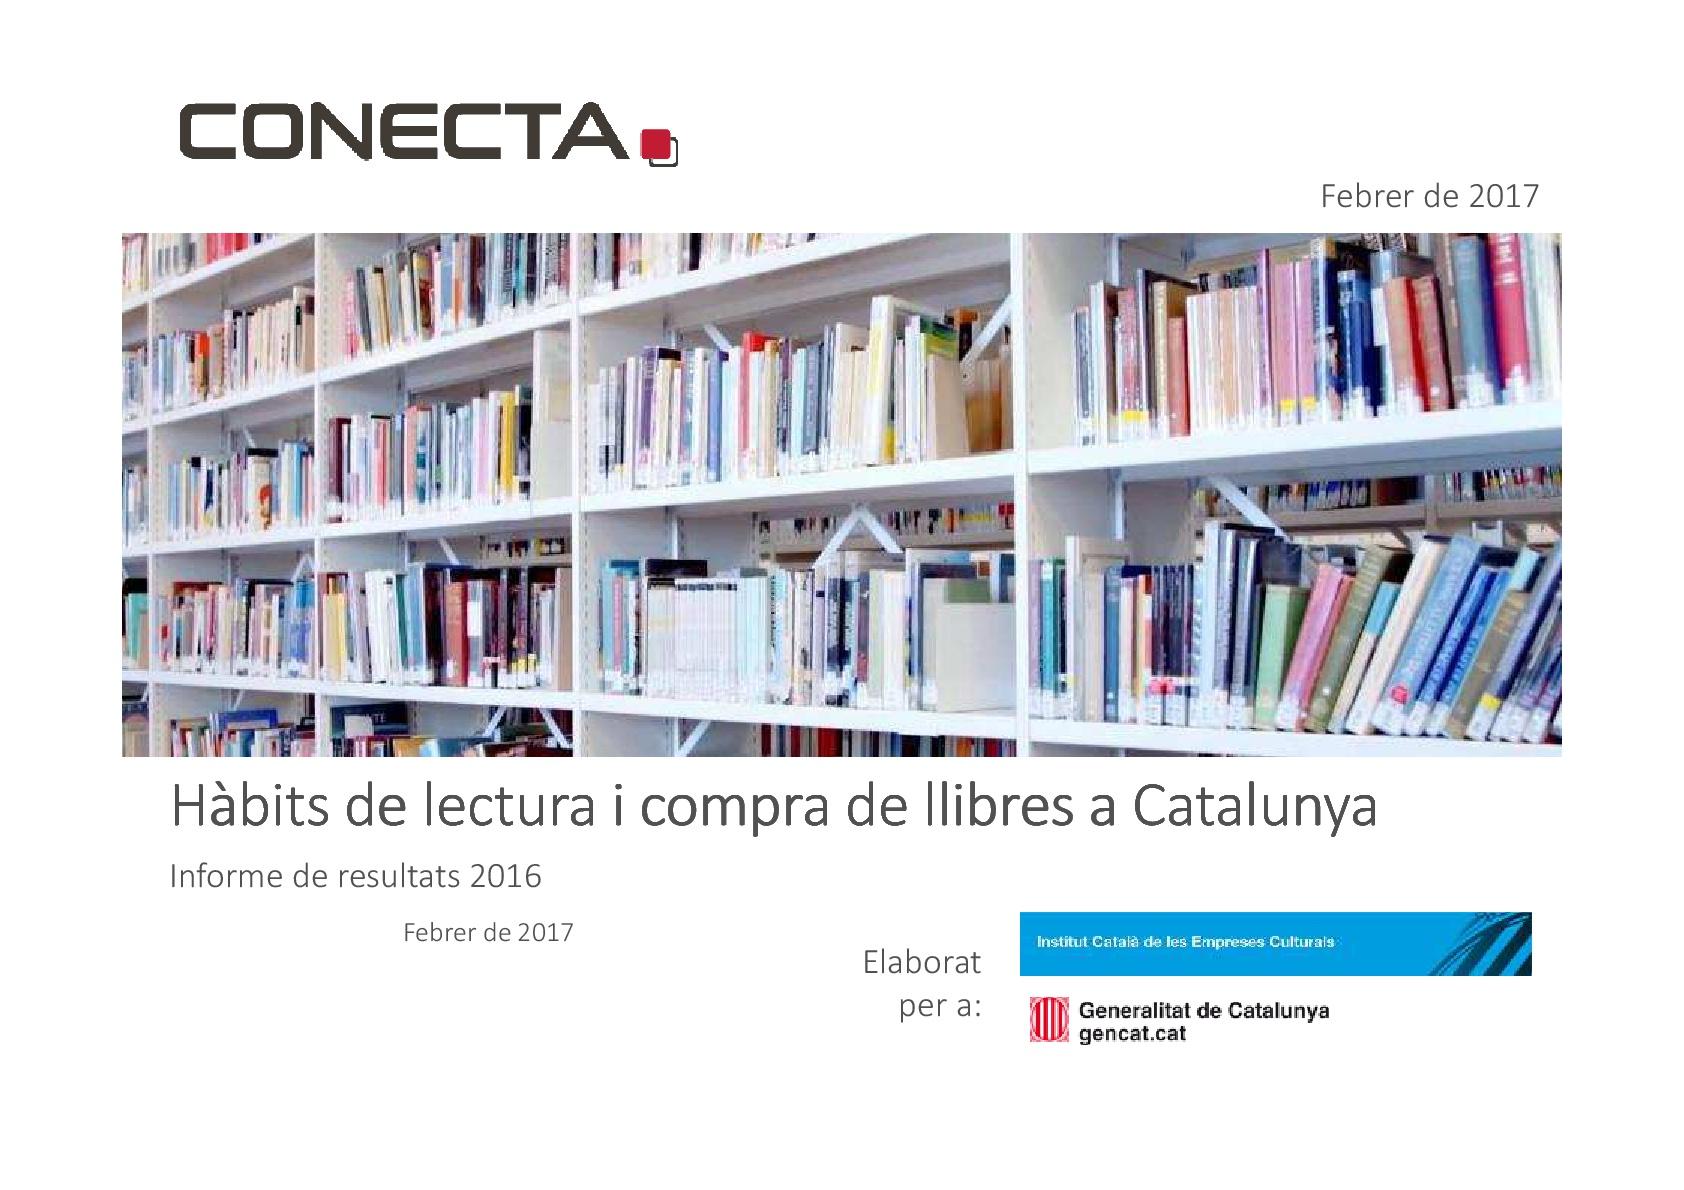 Hábitos de lectura y compra de libros en Cataluña. Informe 2016